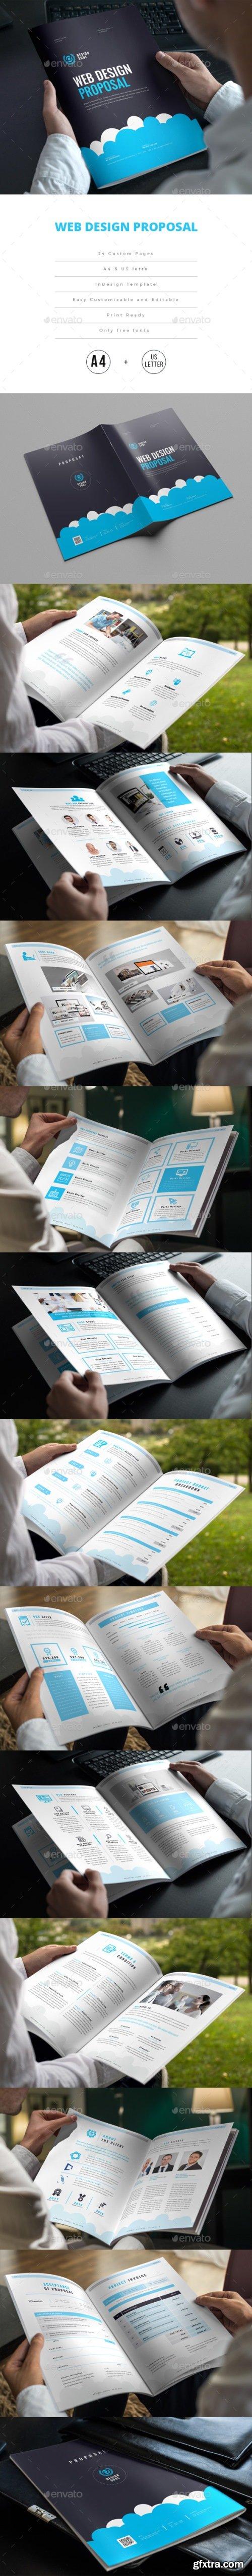 Graphicriver - Web Design Proposal 22086882